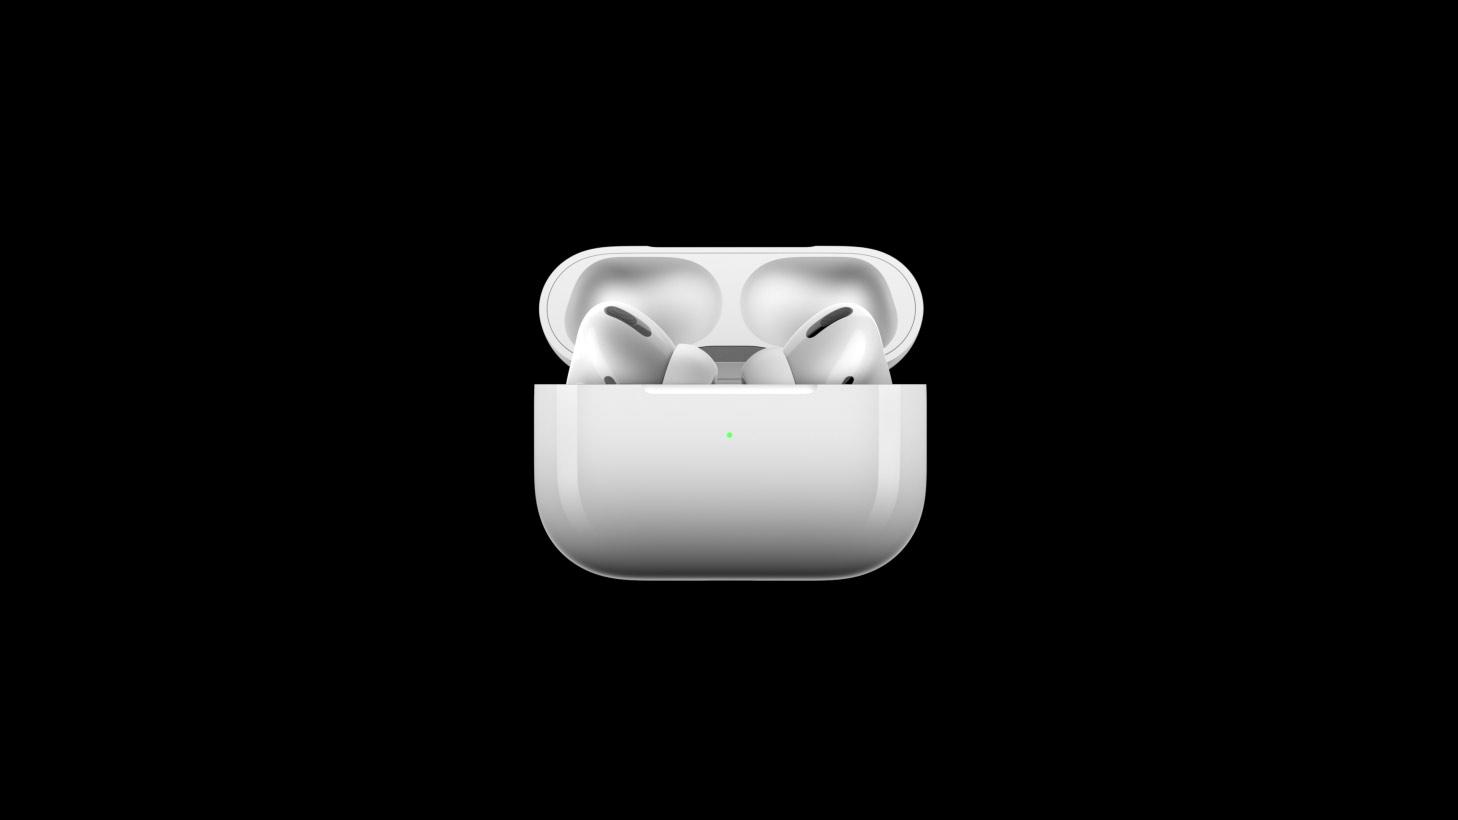 苹果在黑五期间卖出了 300 万副 AirPods